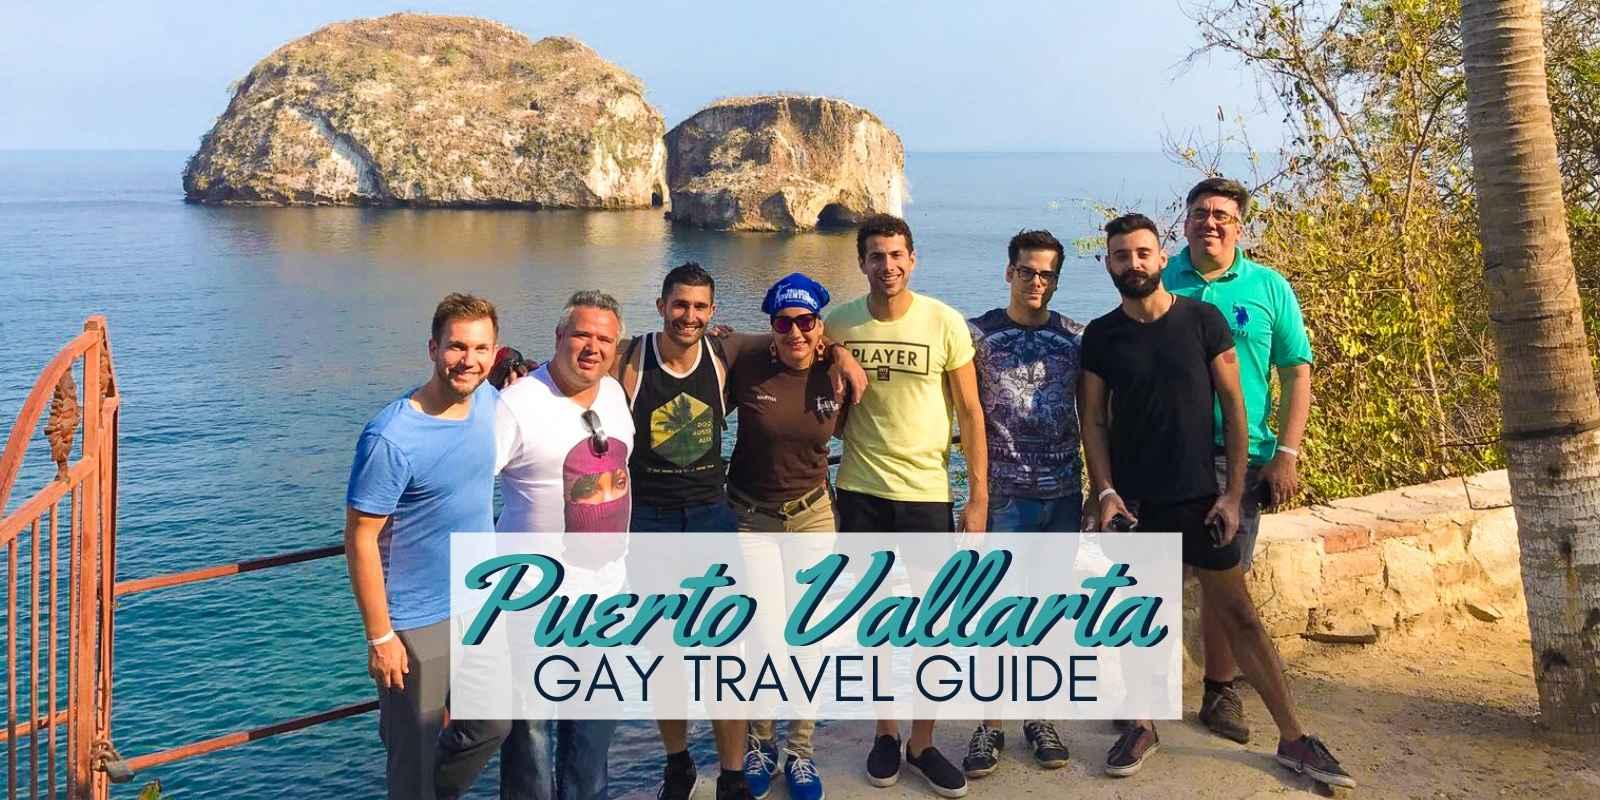 from Kamden puerto vallarta gay accomodation rob